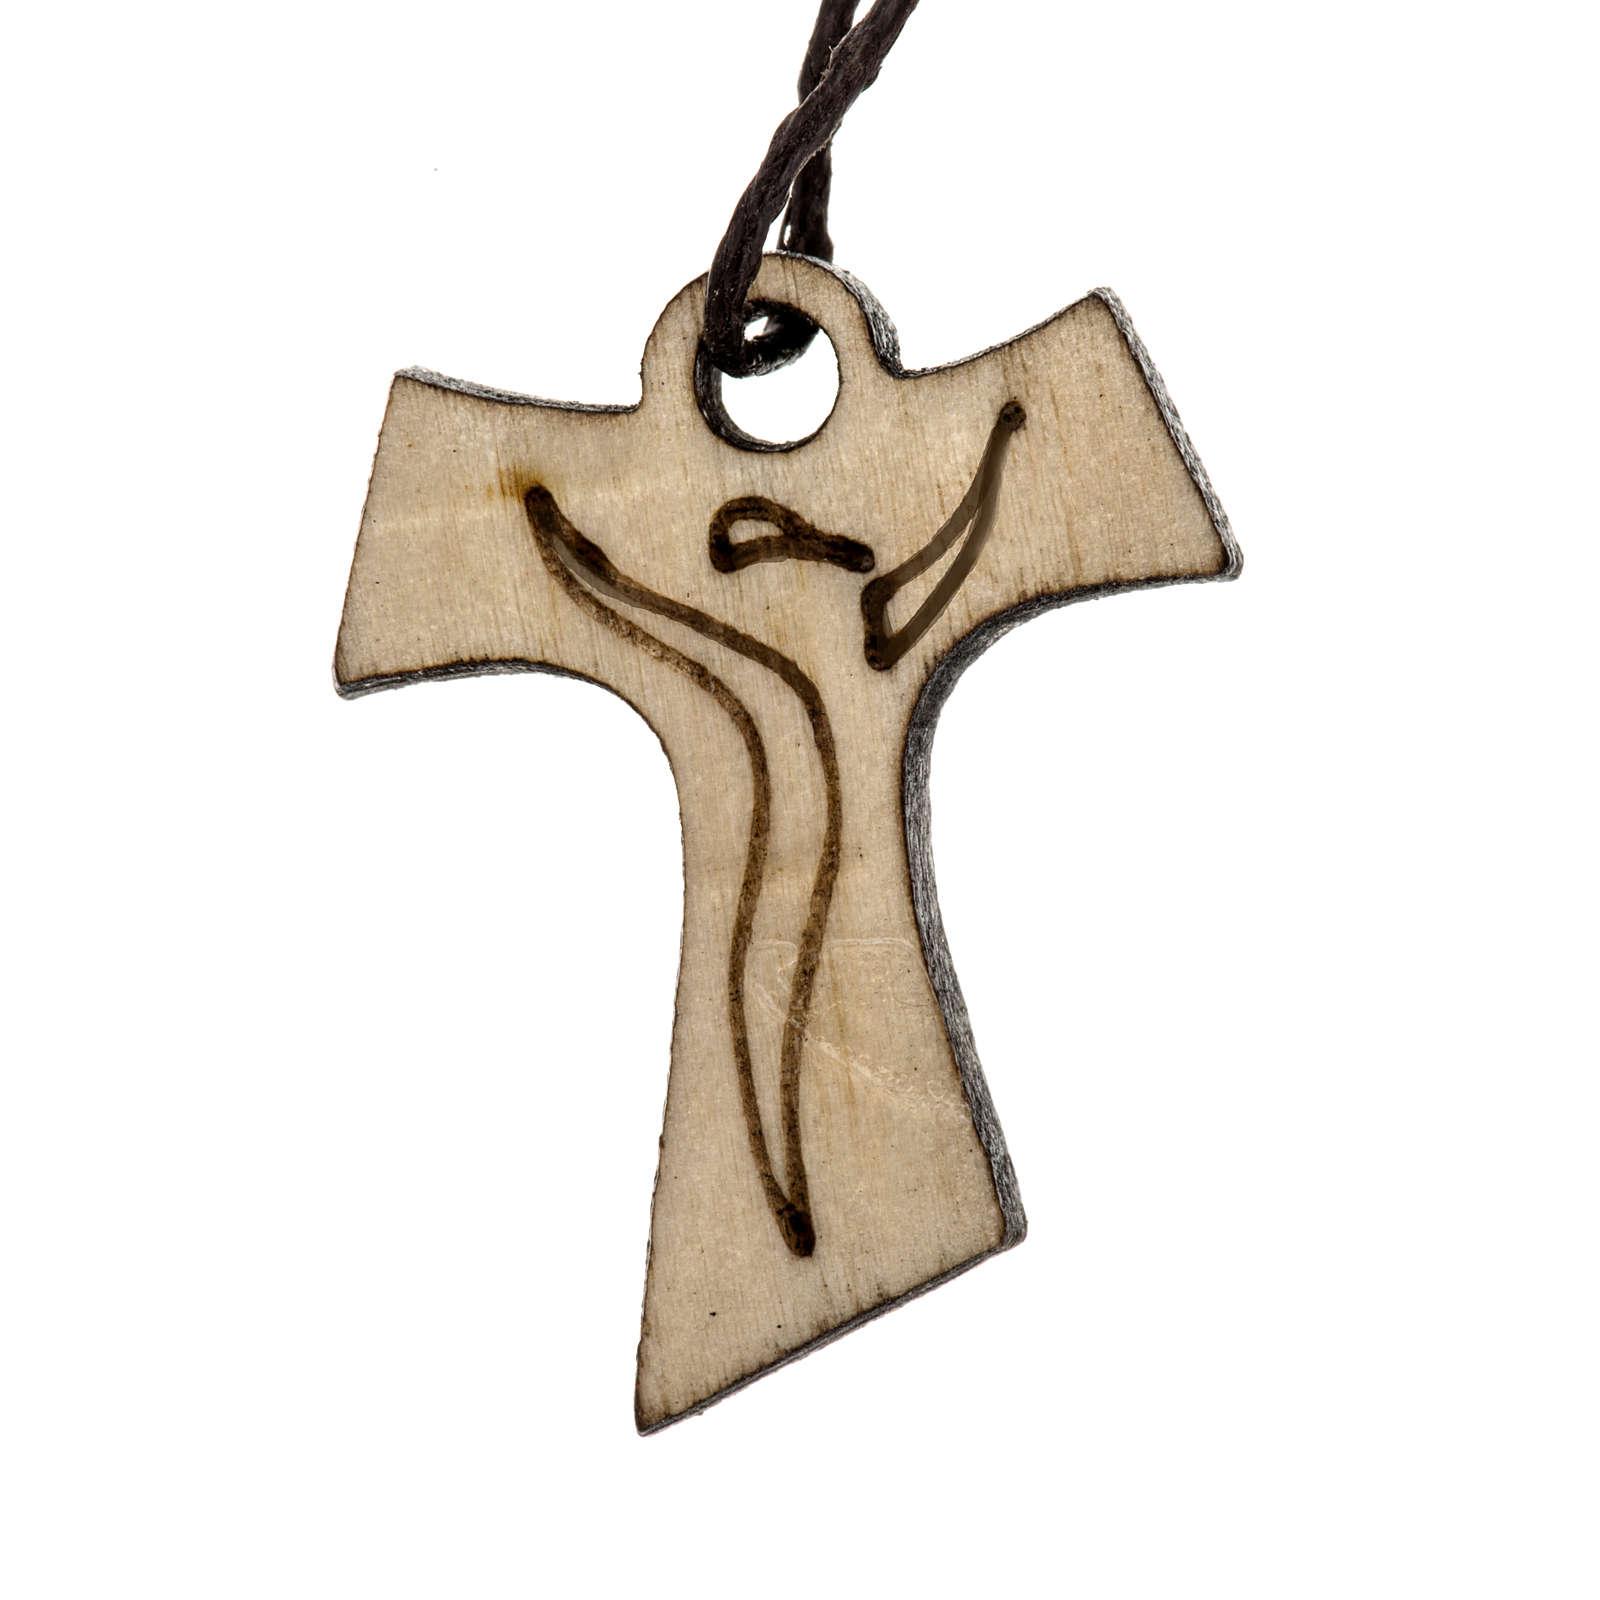 Croce Prima Comunione tau legno immagine risorto 3,3x2,4cm 4